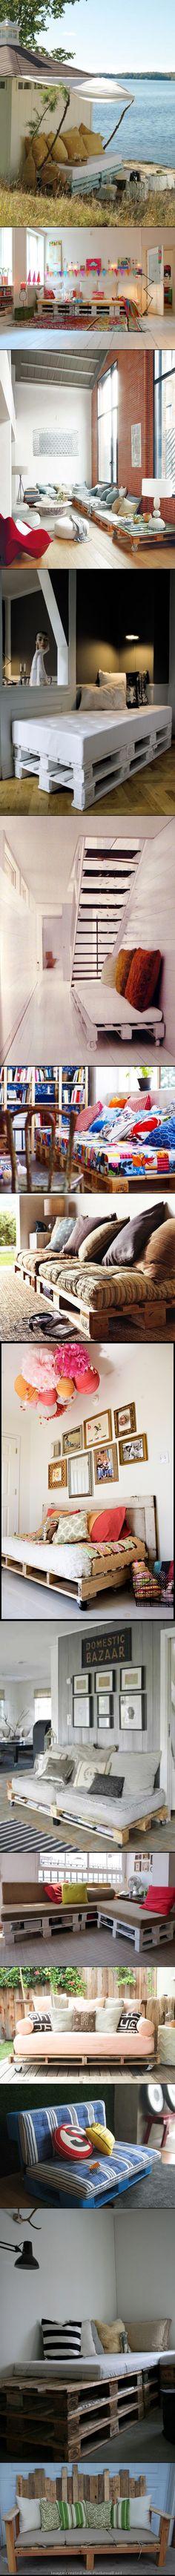 DIY-Home-Decor: Home Decor DIY TOP-15 PALLET SOFA IDEAS